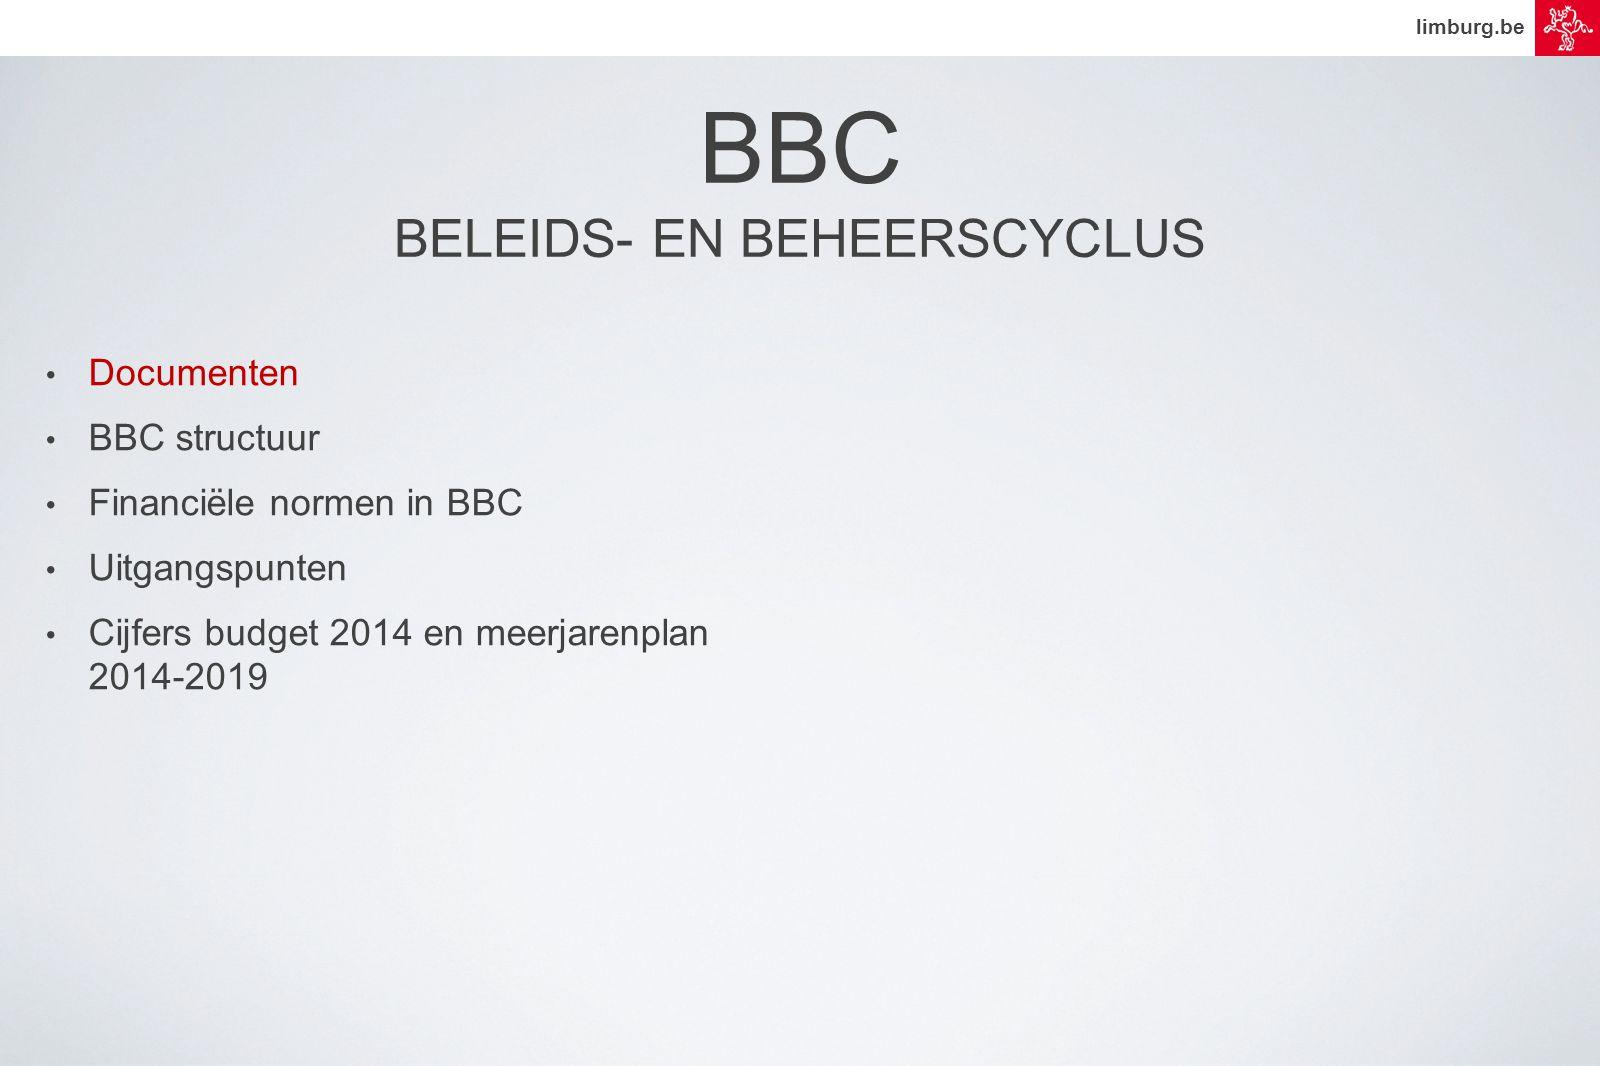 limburg.be • Documenten • BBC structuur • Financiële normen in BBC • Uitgangspunten • Cijfers budget 2014 en meerjarenplan 2014-2019 BBC BELEIDS- EN BEHEERSCYCLUS